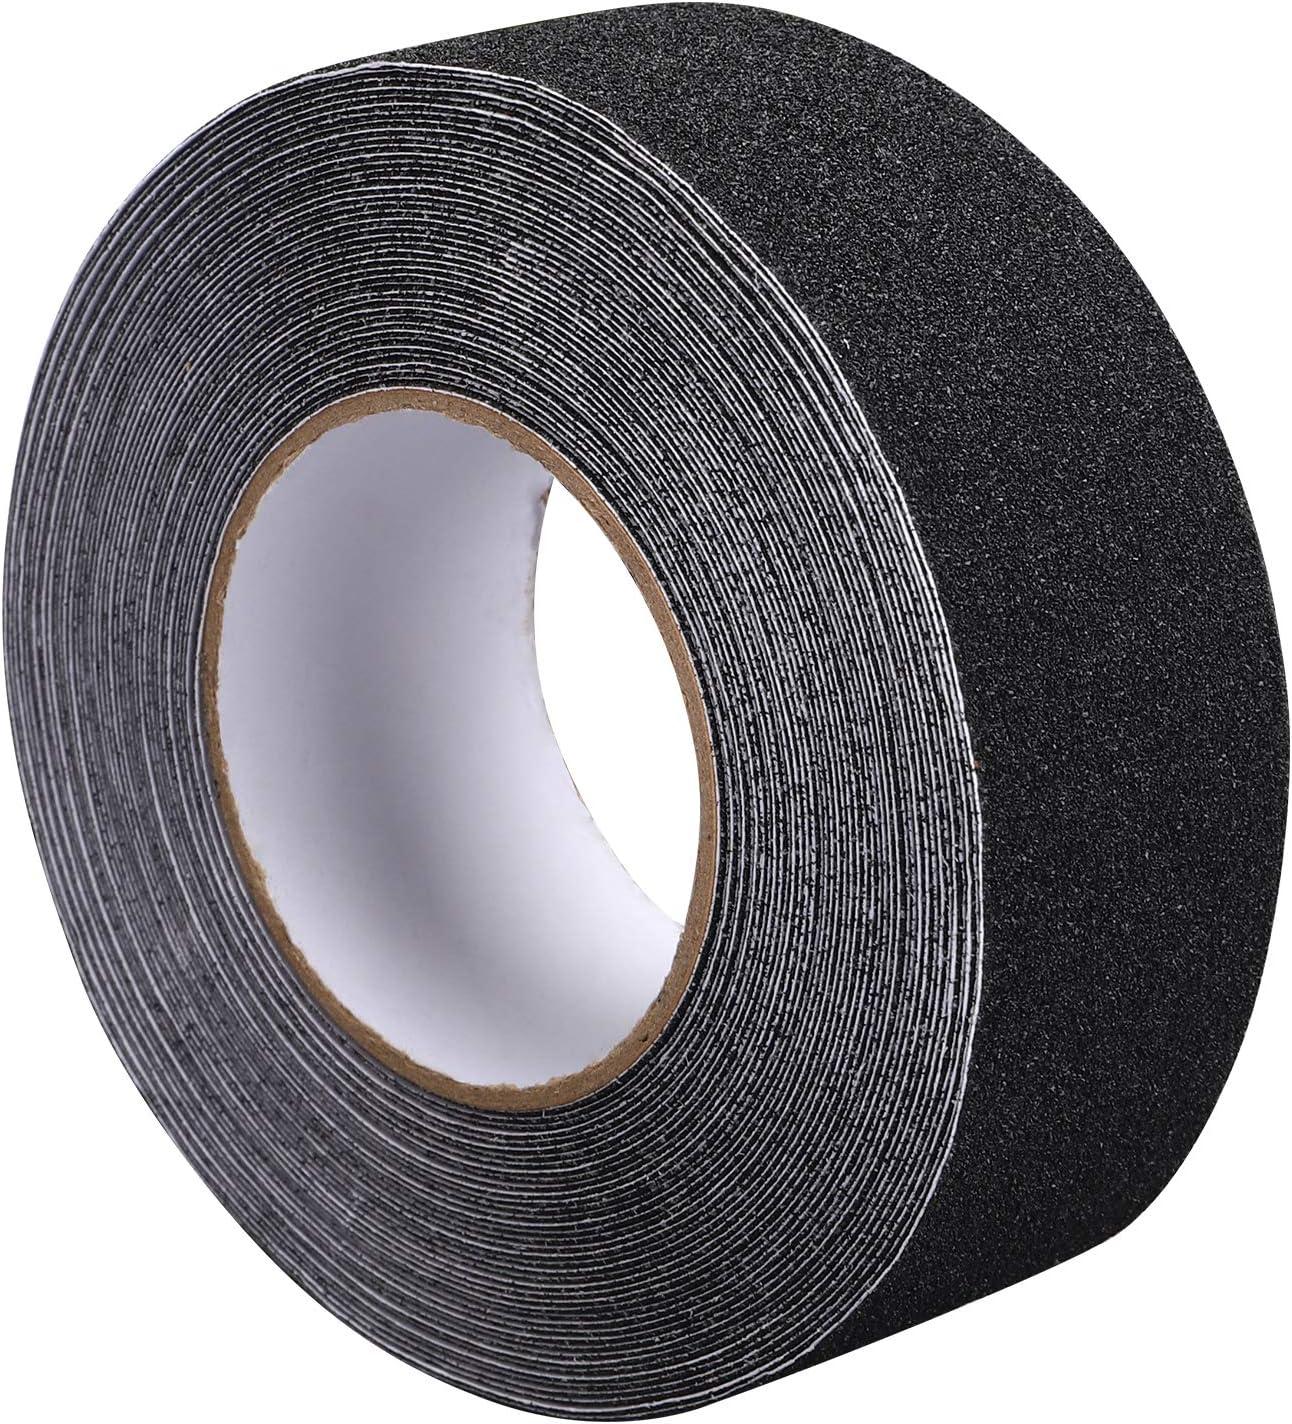 seguridad mejor agarre escal/ón de rodadura cinta antideslizante exterior, de alta tracci/ón fricci/ón 10 cm x 5 m no deja residuos adhesivos f/áciles interior adhesivo abrasivo para escaleras